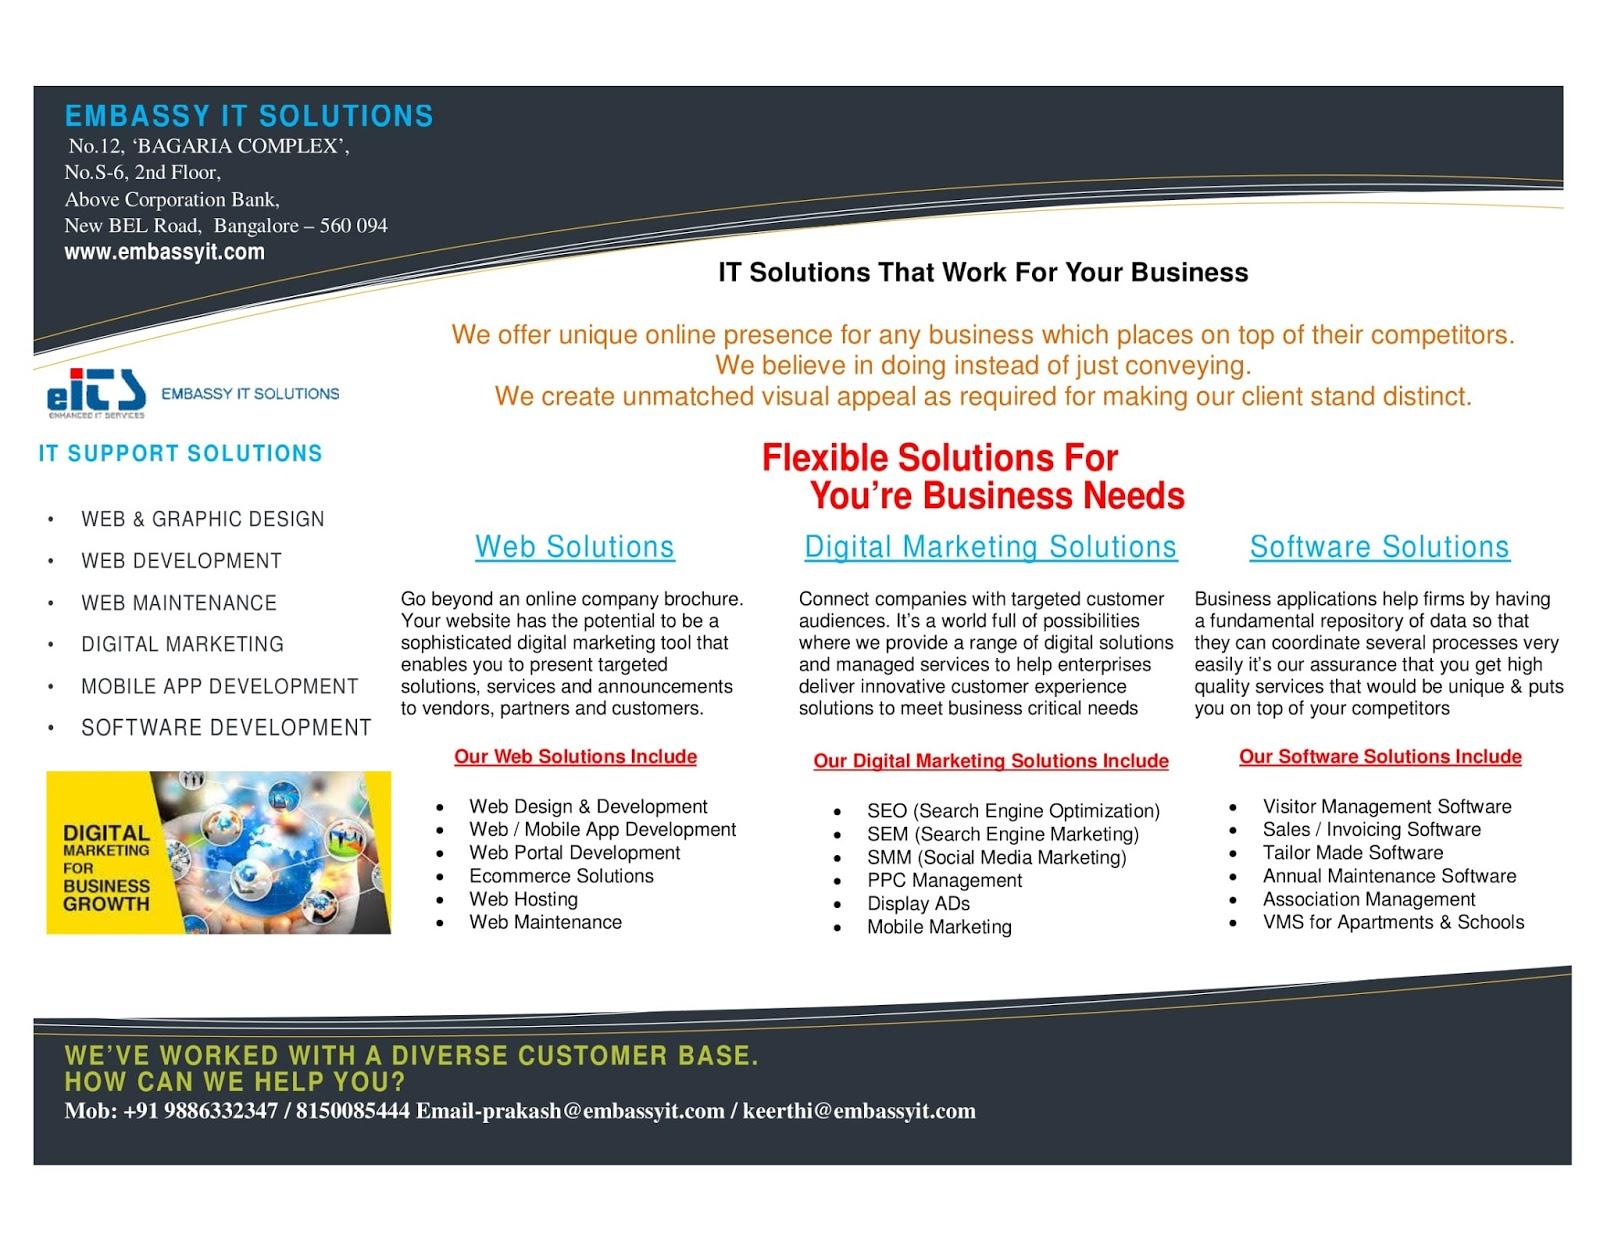 Digital Marketing Broucher EITS